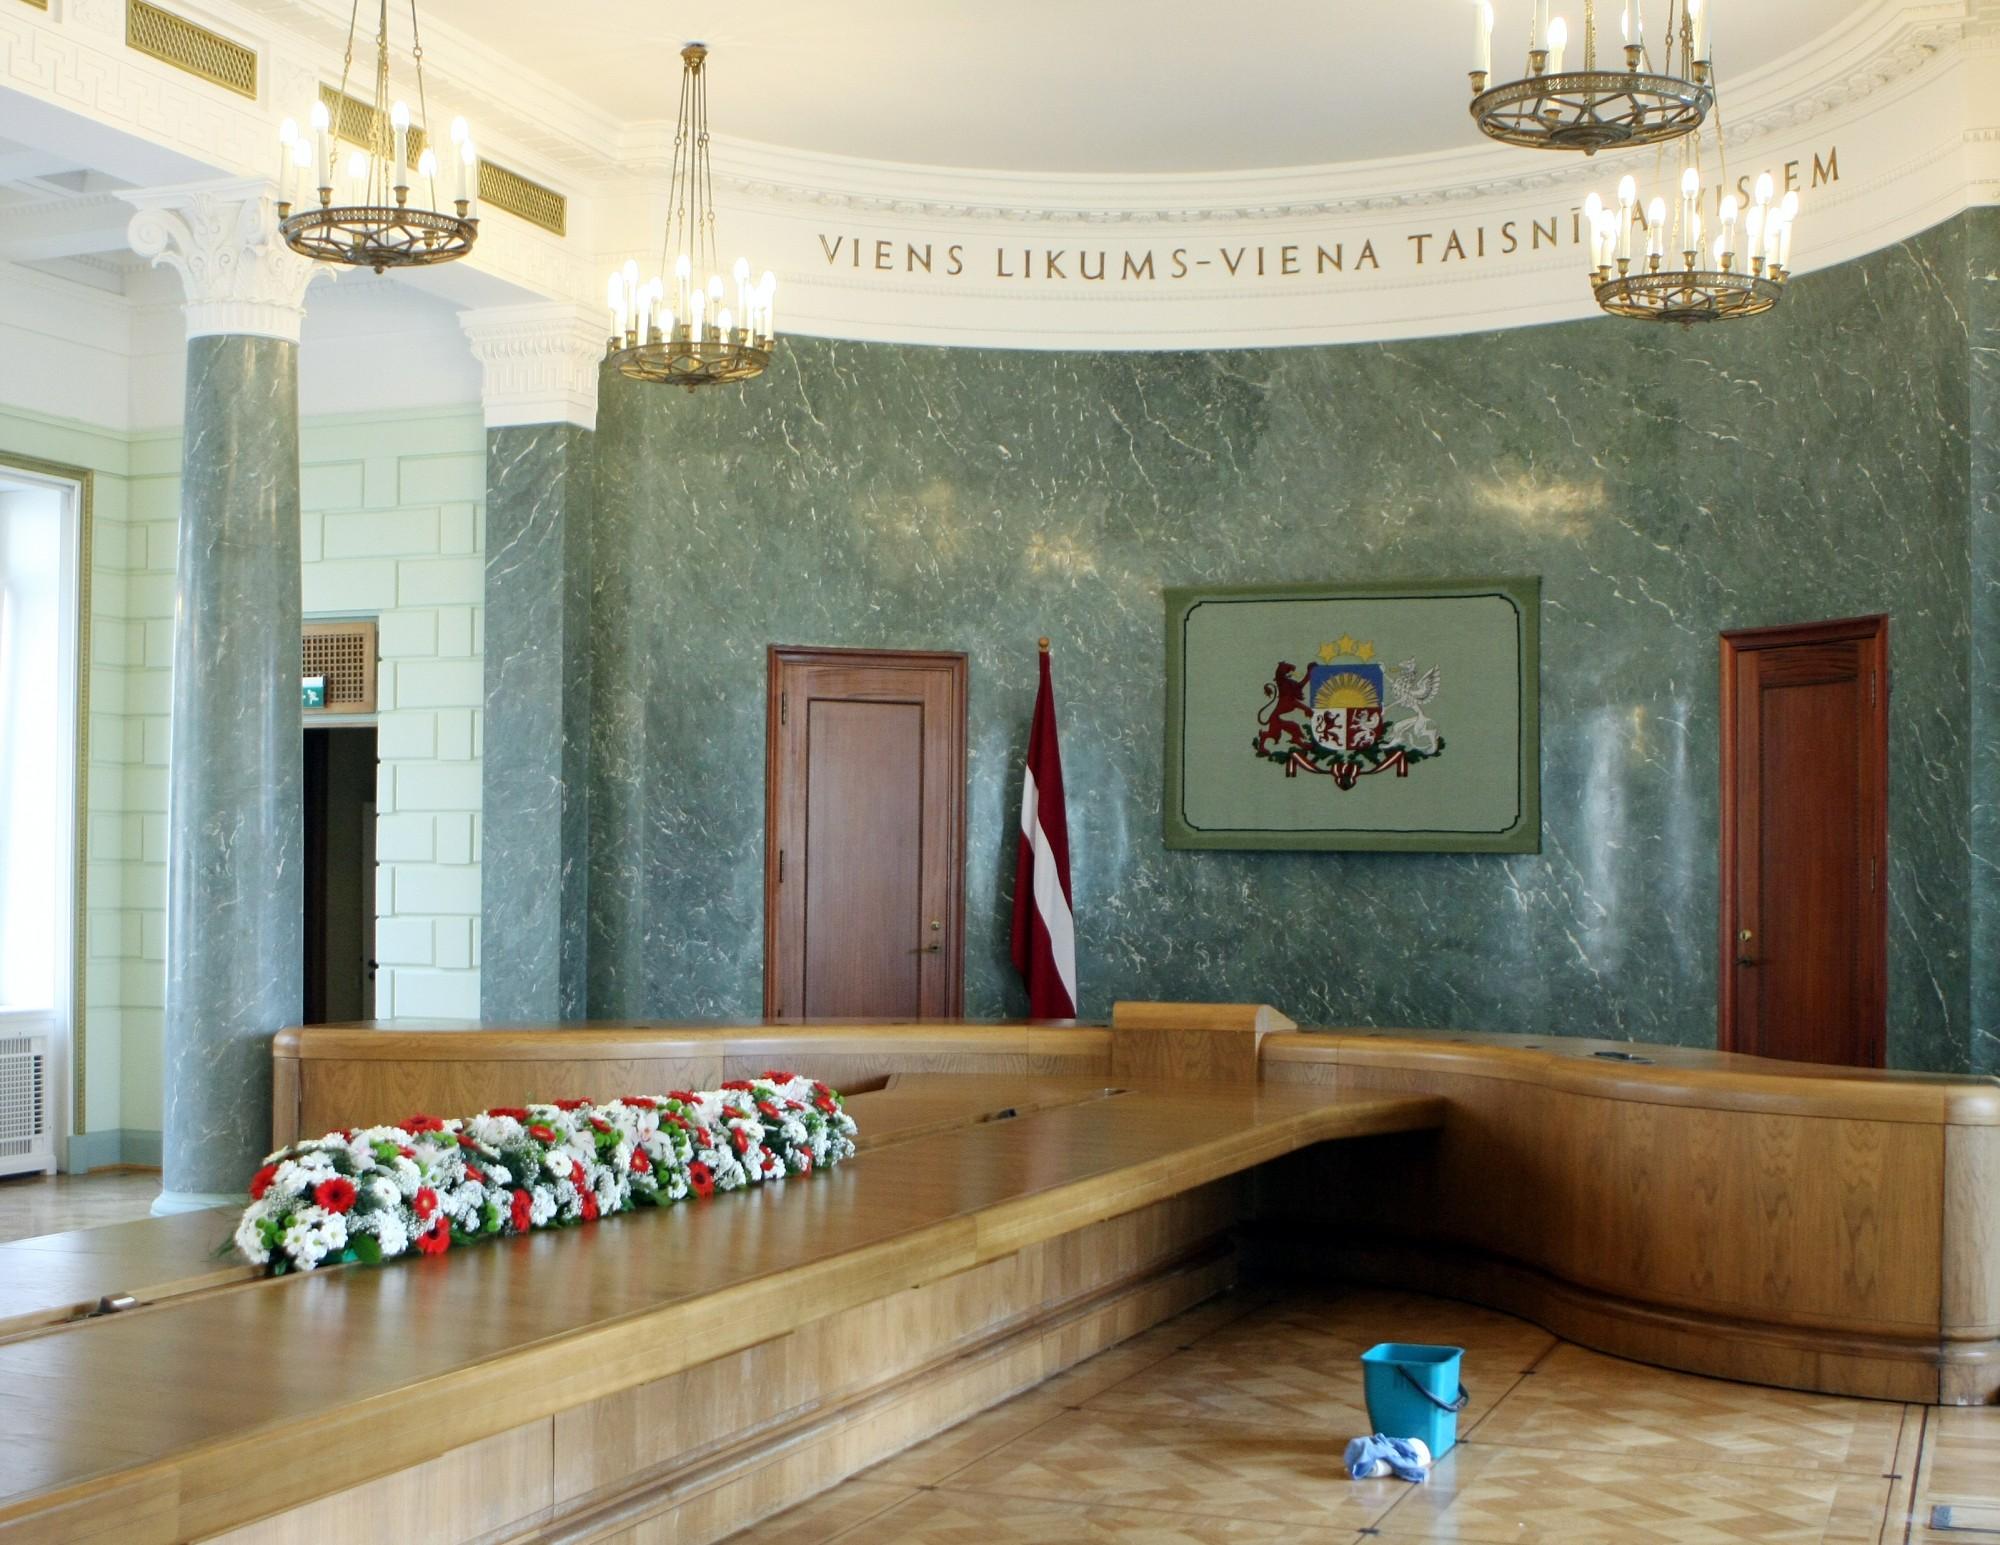 Министры предыдущего правительства получат пособия на 373 тыс. евро